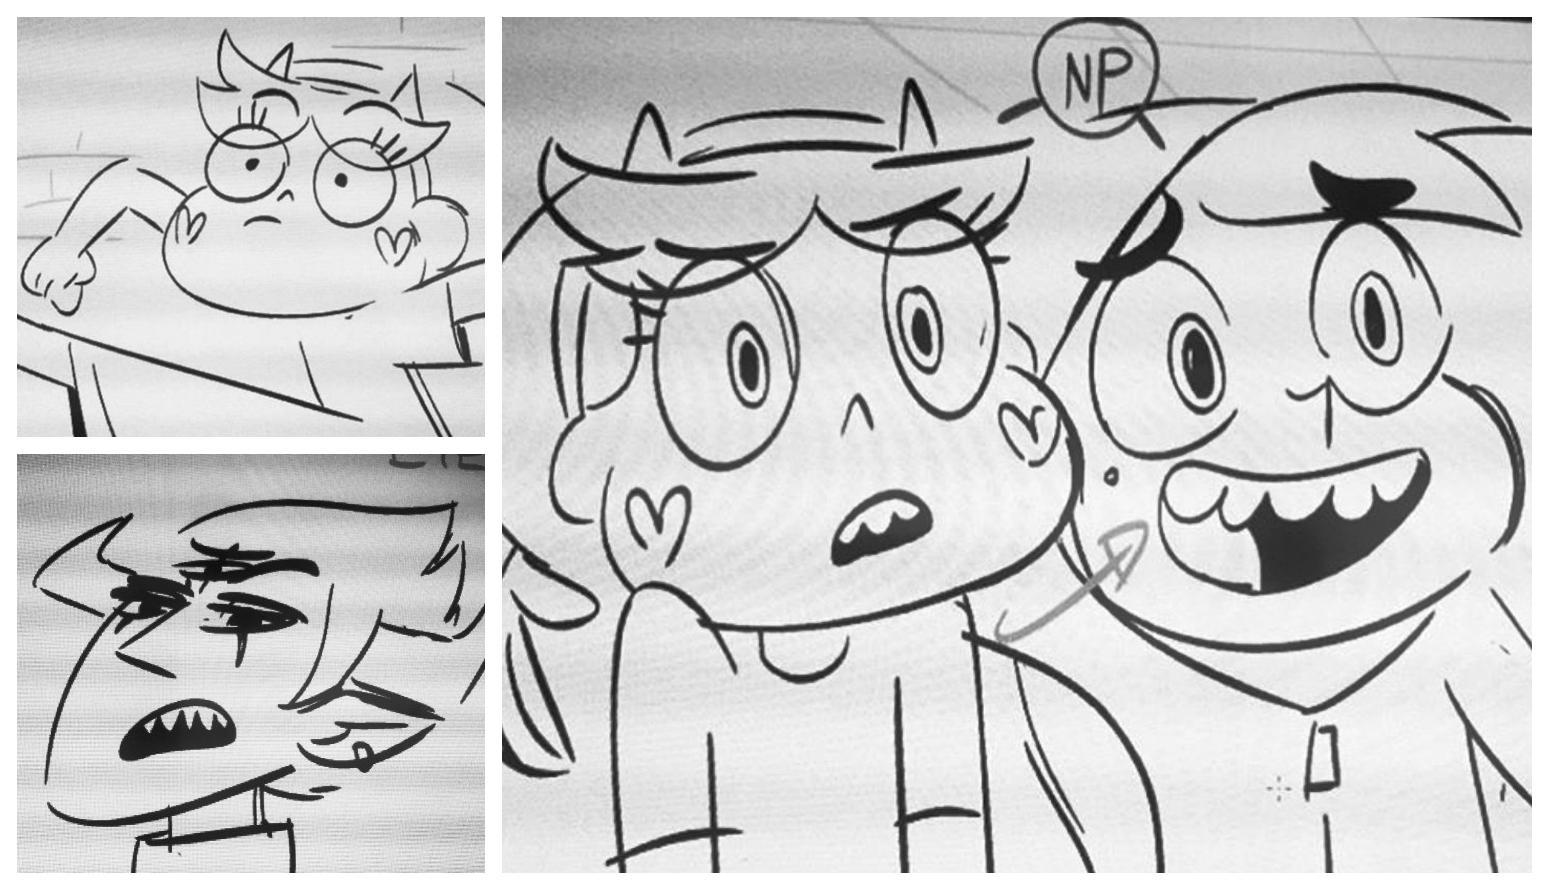 Supuestos bocetos de la tercera temporada